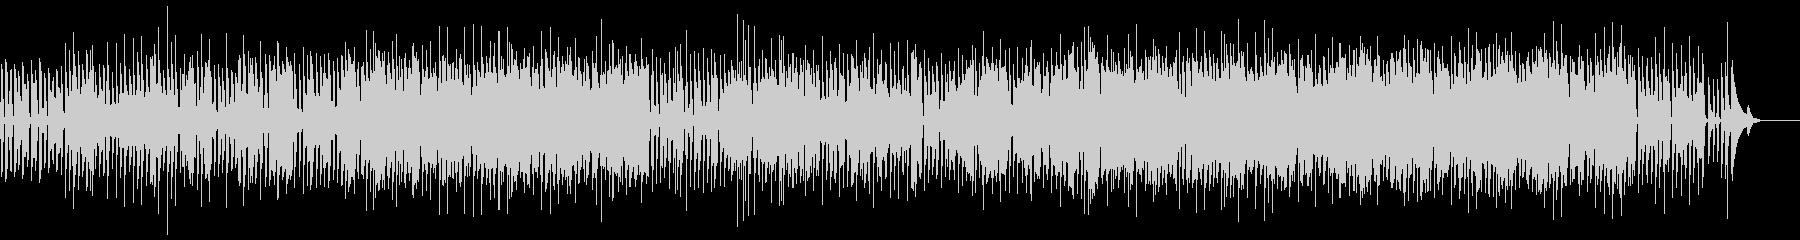 独特な歌詞のアコースティック楽曲の未再生の波形